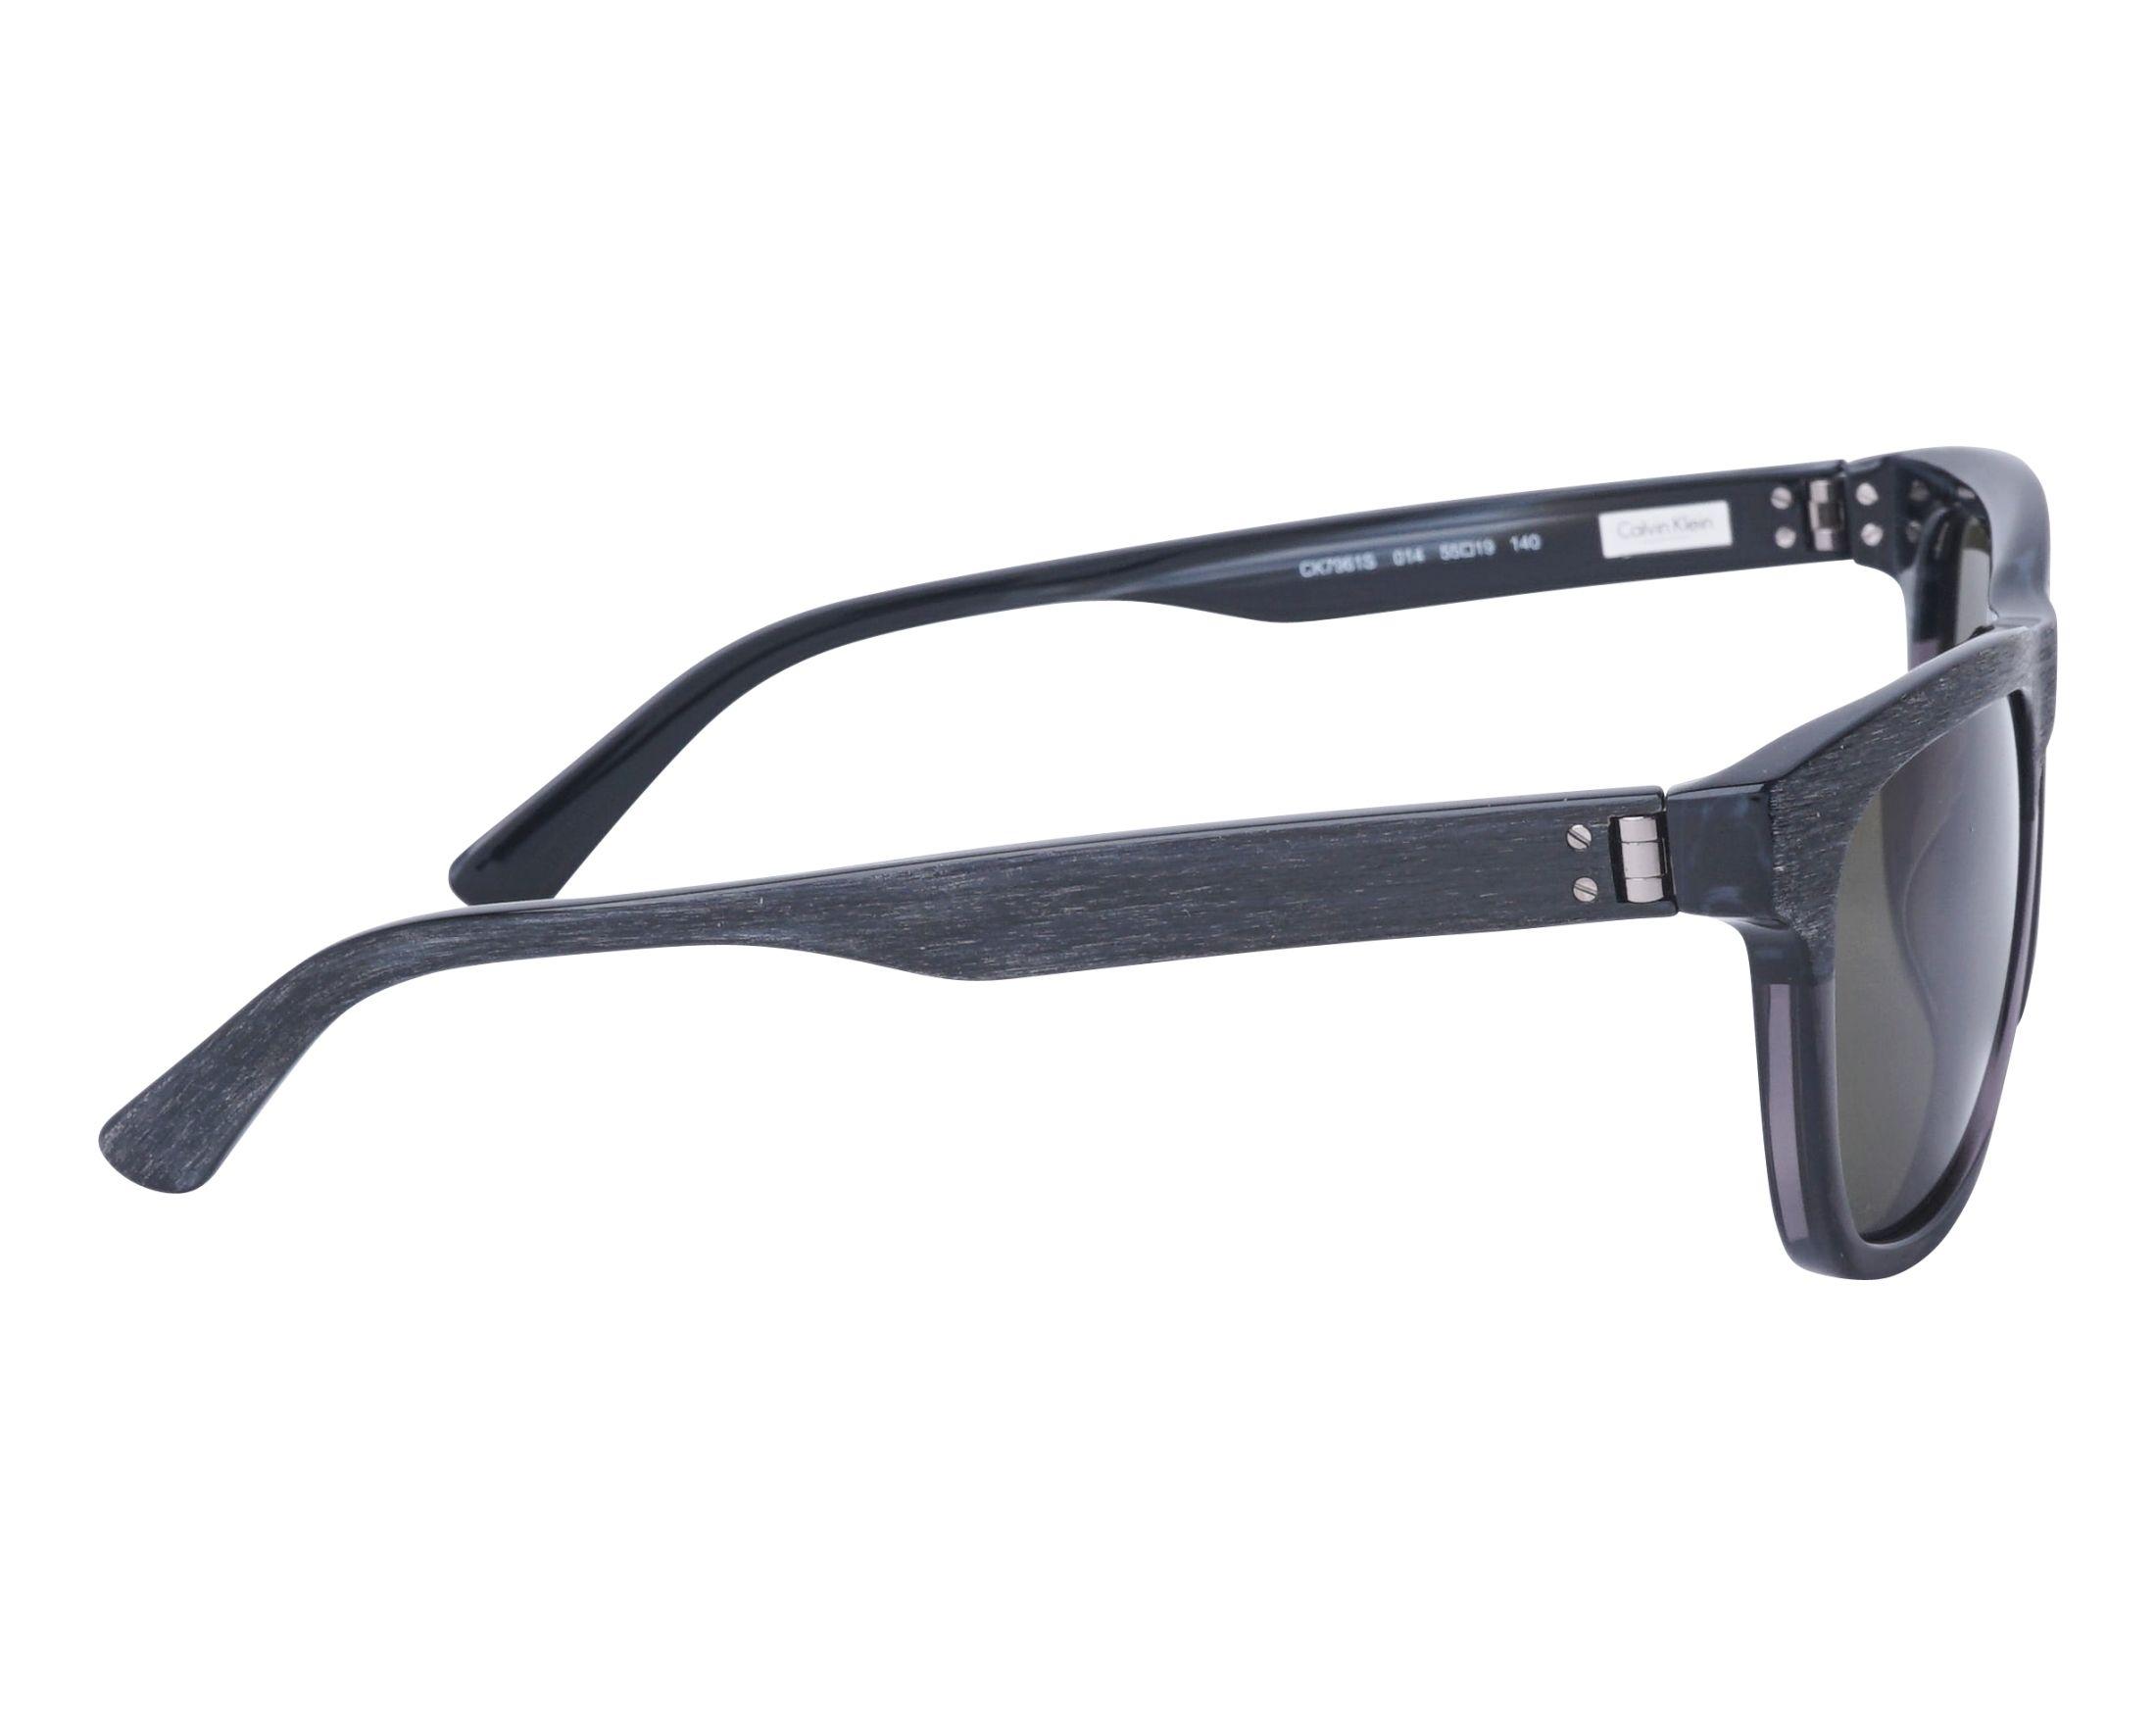 Lunettes de soleil calvin klein ck 7961 s 014 noir avec des verres vert - Verre lunette raye assurance ...